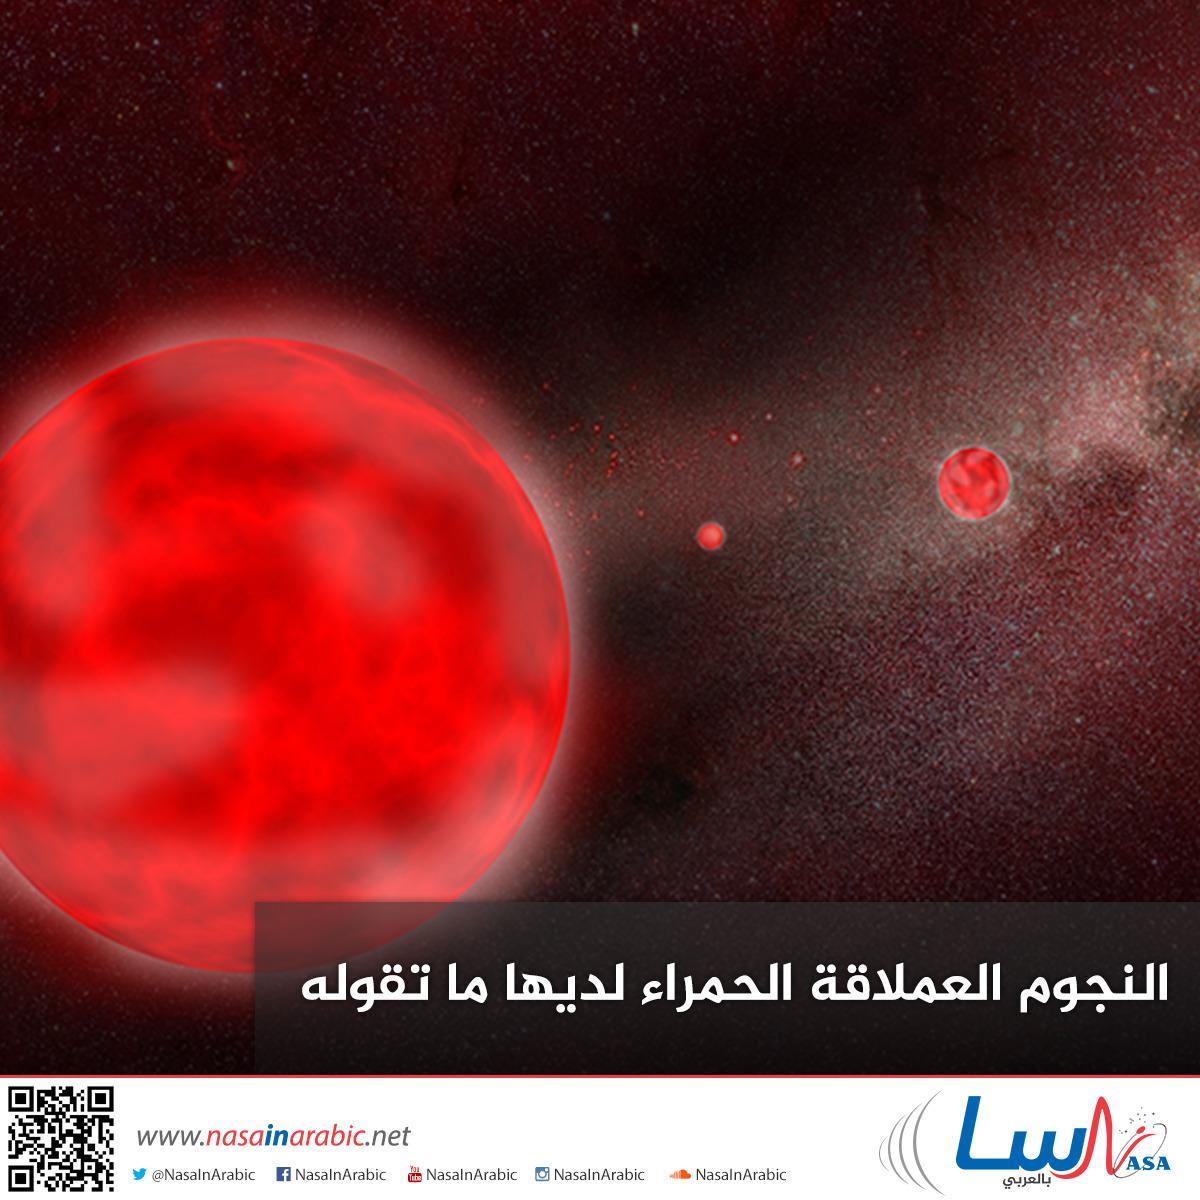 النجوم العملاقة الحمراء لديها ما تقوله